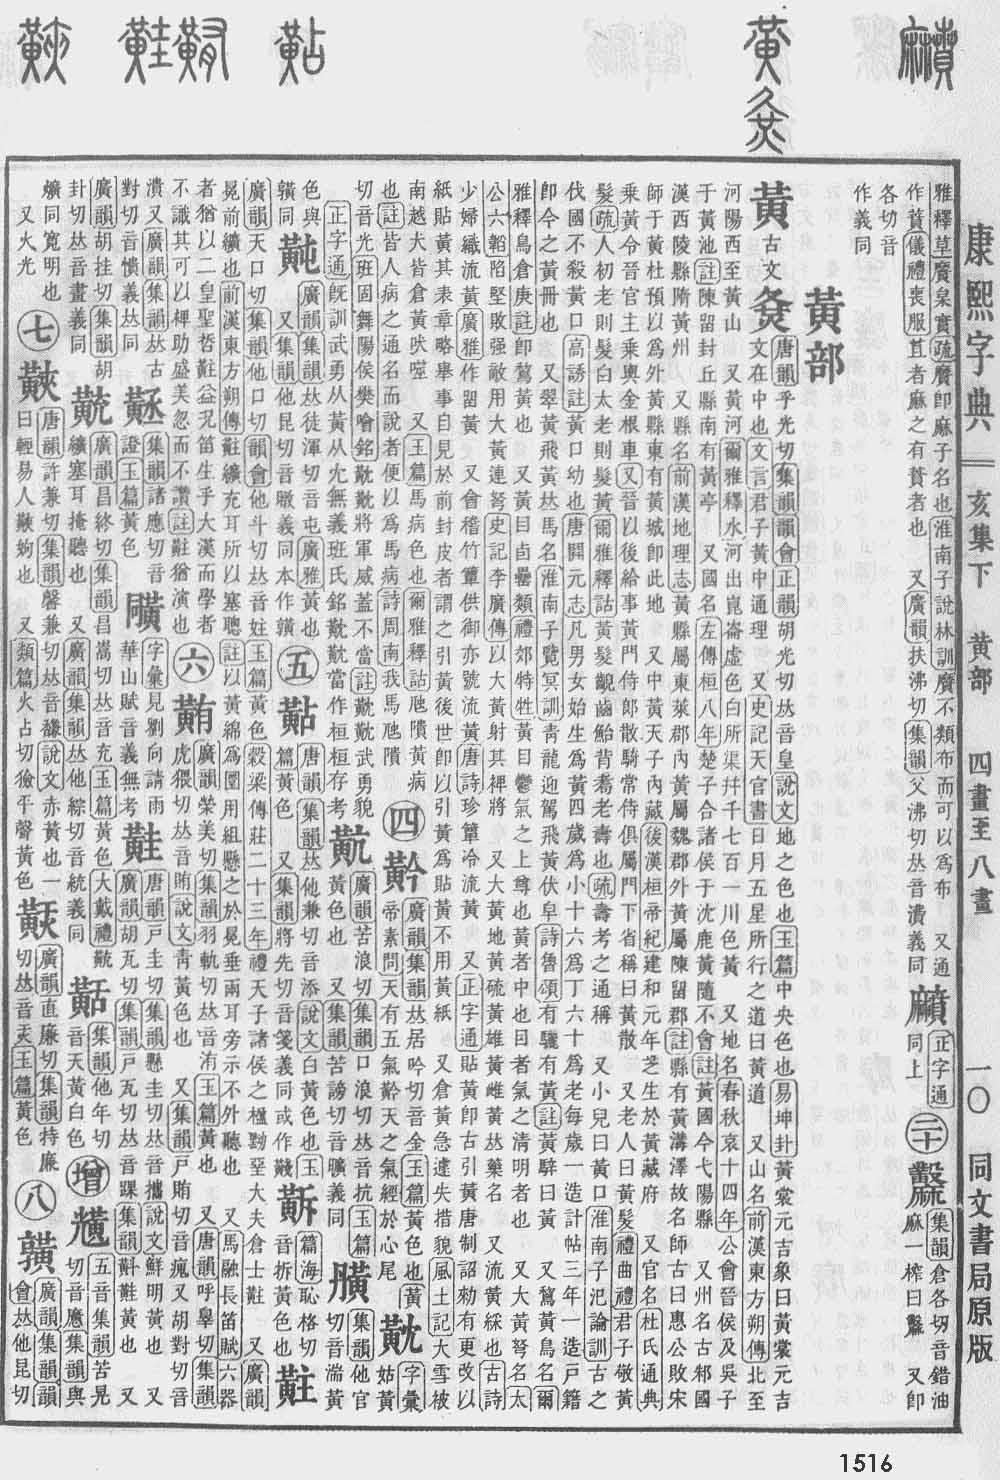 《康熙字典》第1516页